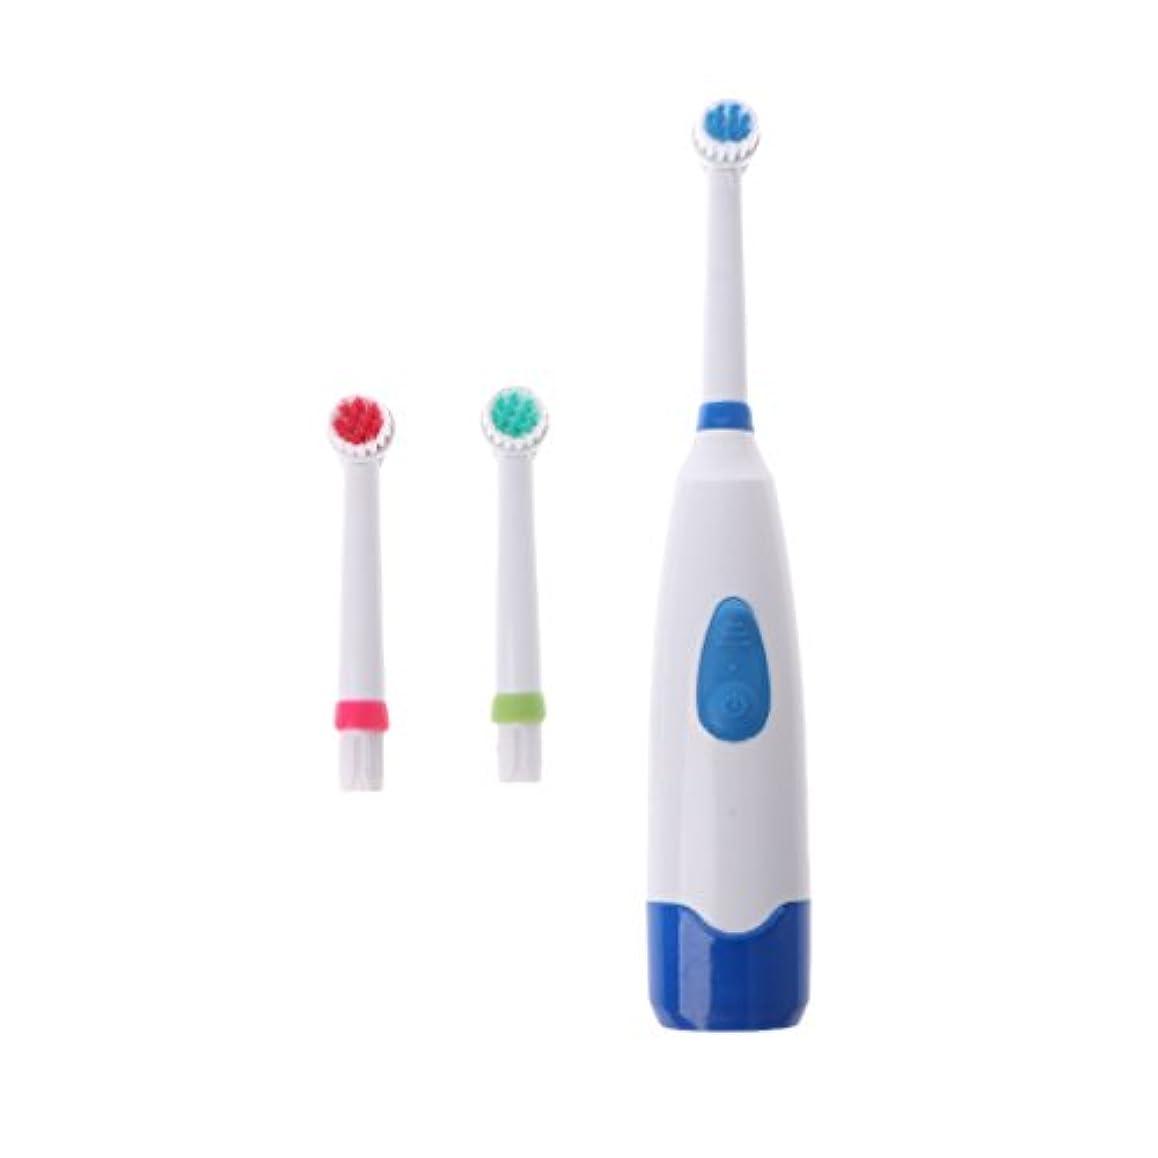 コンテンポラリー自体クリープManyao 3ブラシヘッドで防水回転電動歯ブラシ (青)